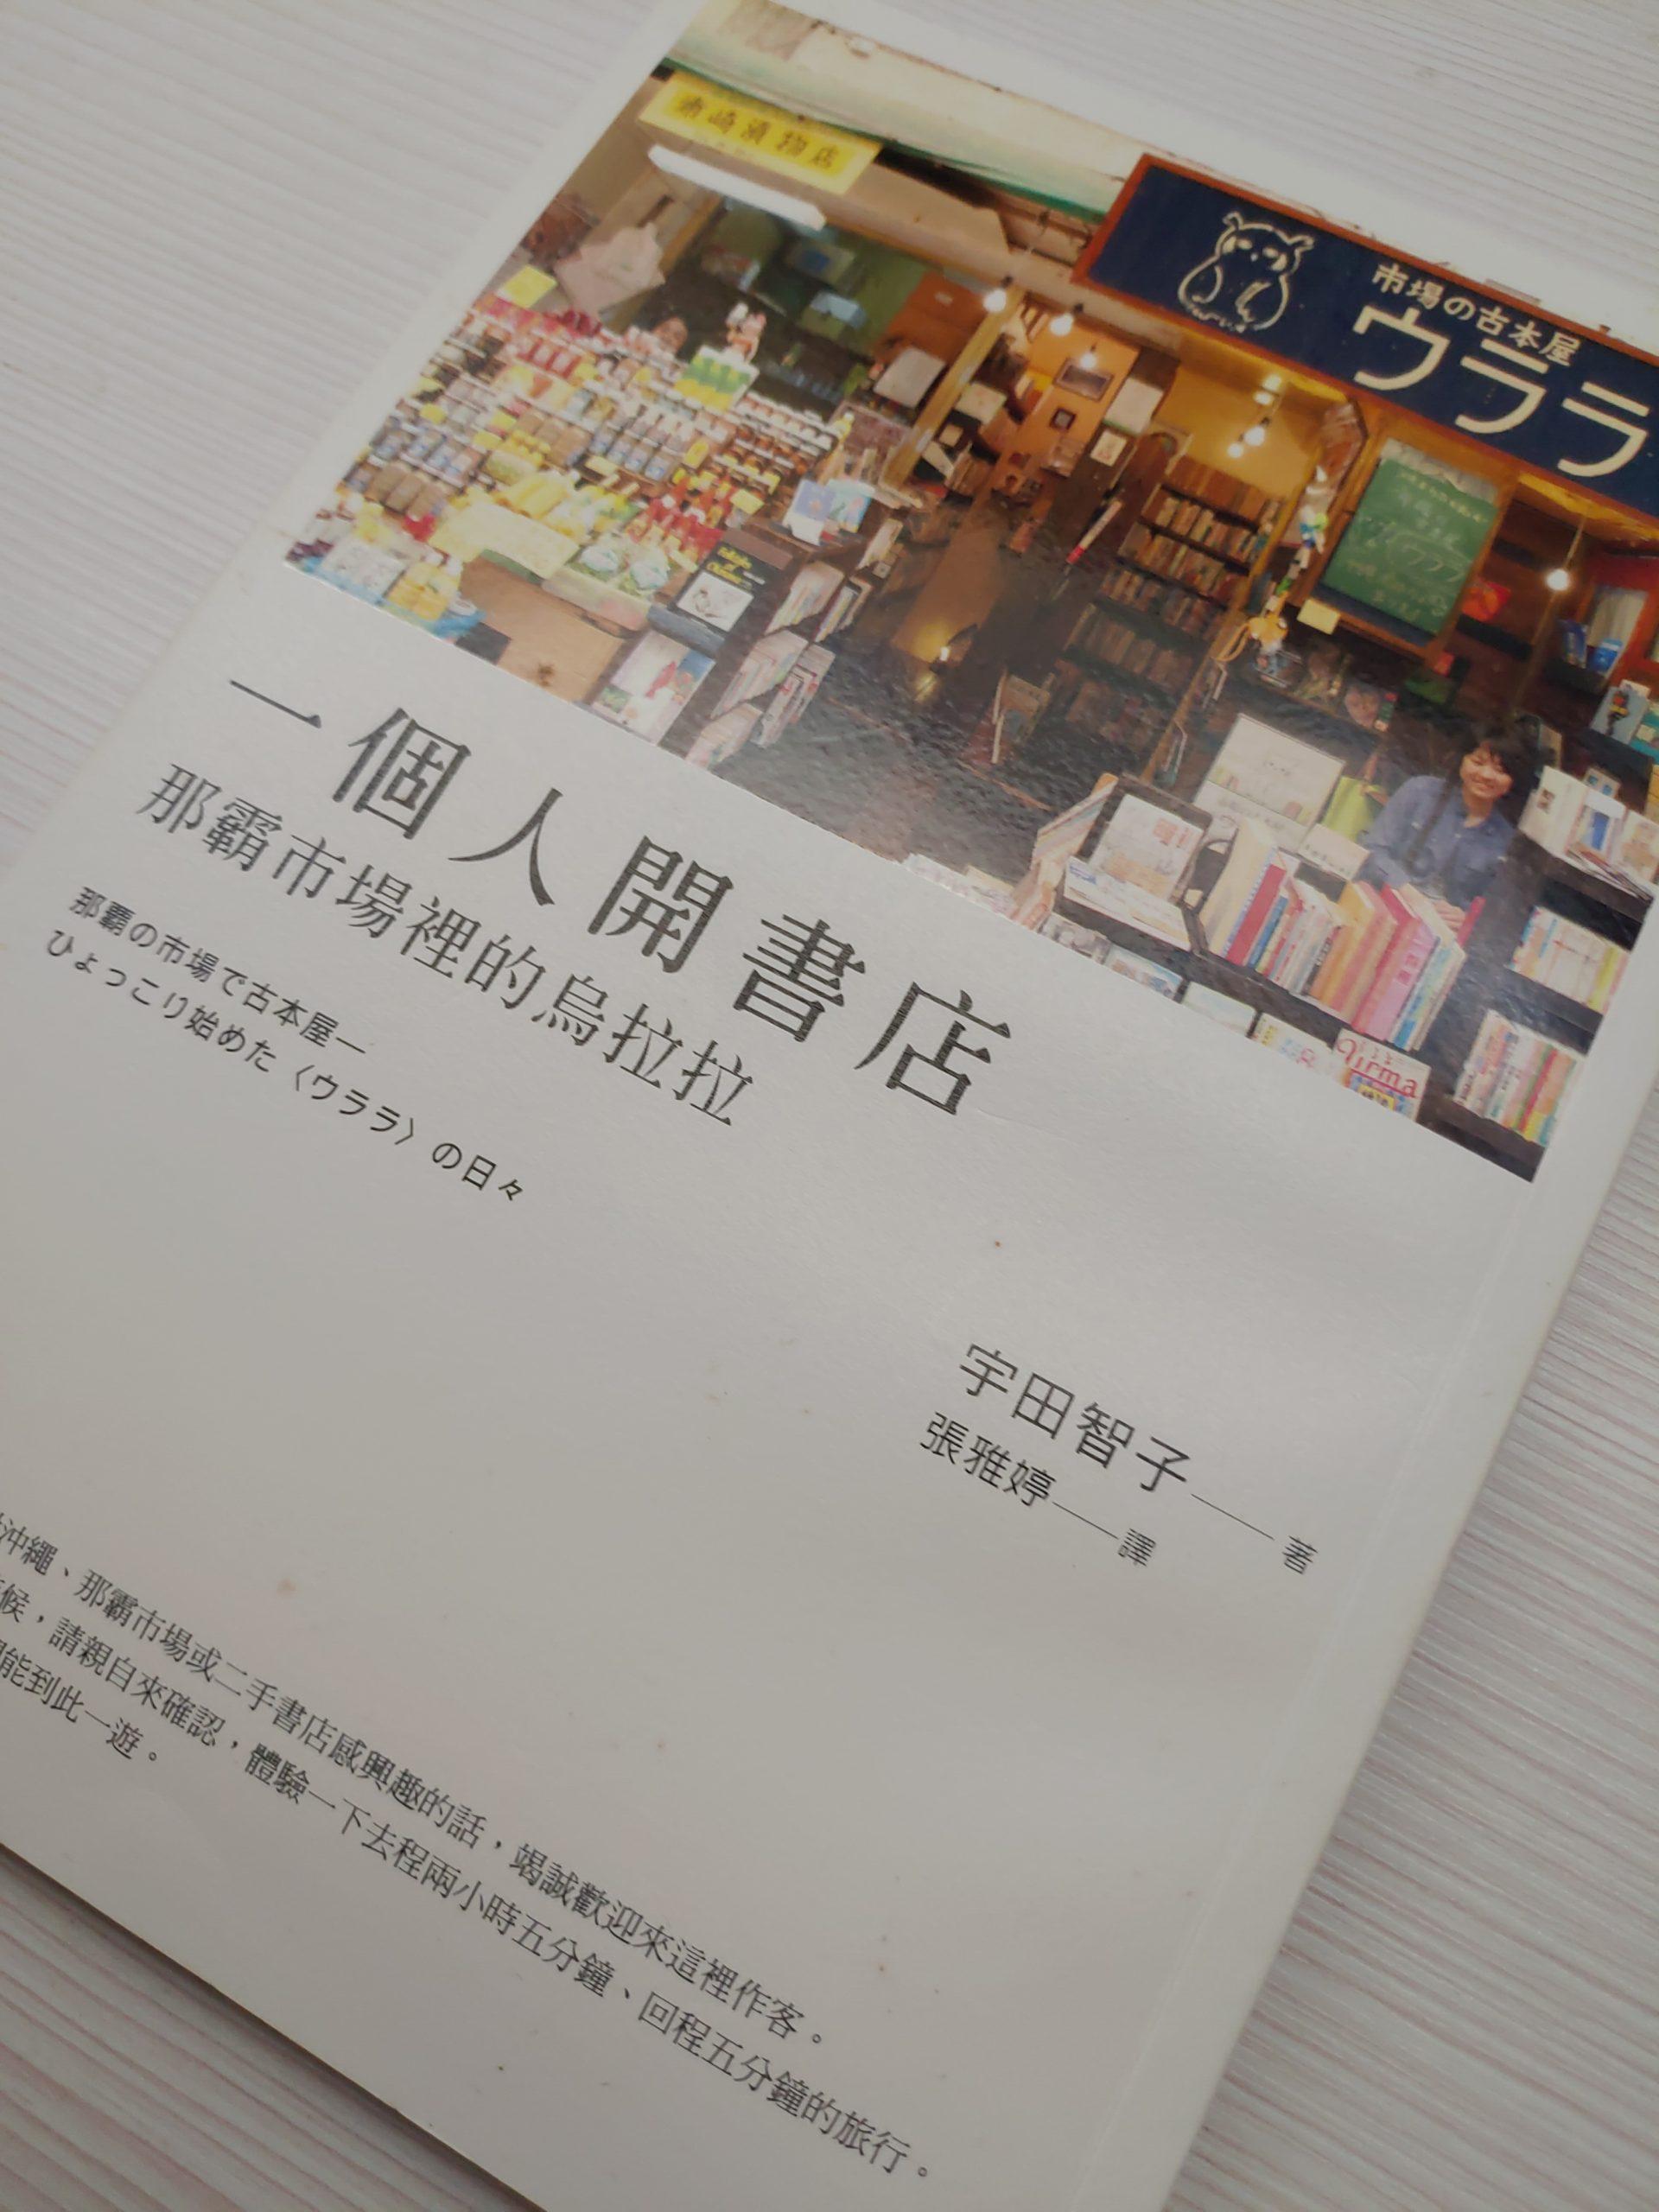 【書評/感想】一個人的書店:那霸市場裡的烏拉拉|人與書的牽絆與選擇人生道路|尋找自我與追夢必讀